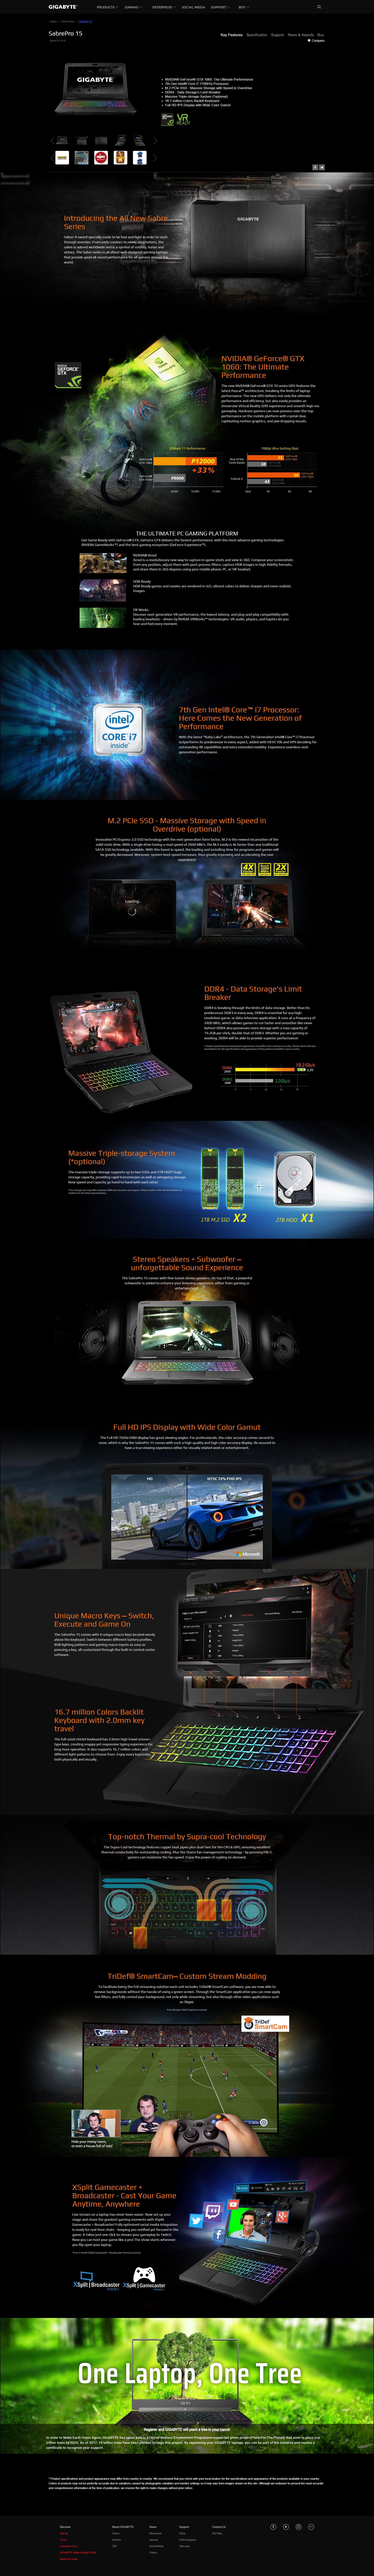 screencapture-gigabyte-us-laptop-sabrepro-15-2018-05-01-15-13-34.png